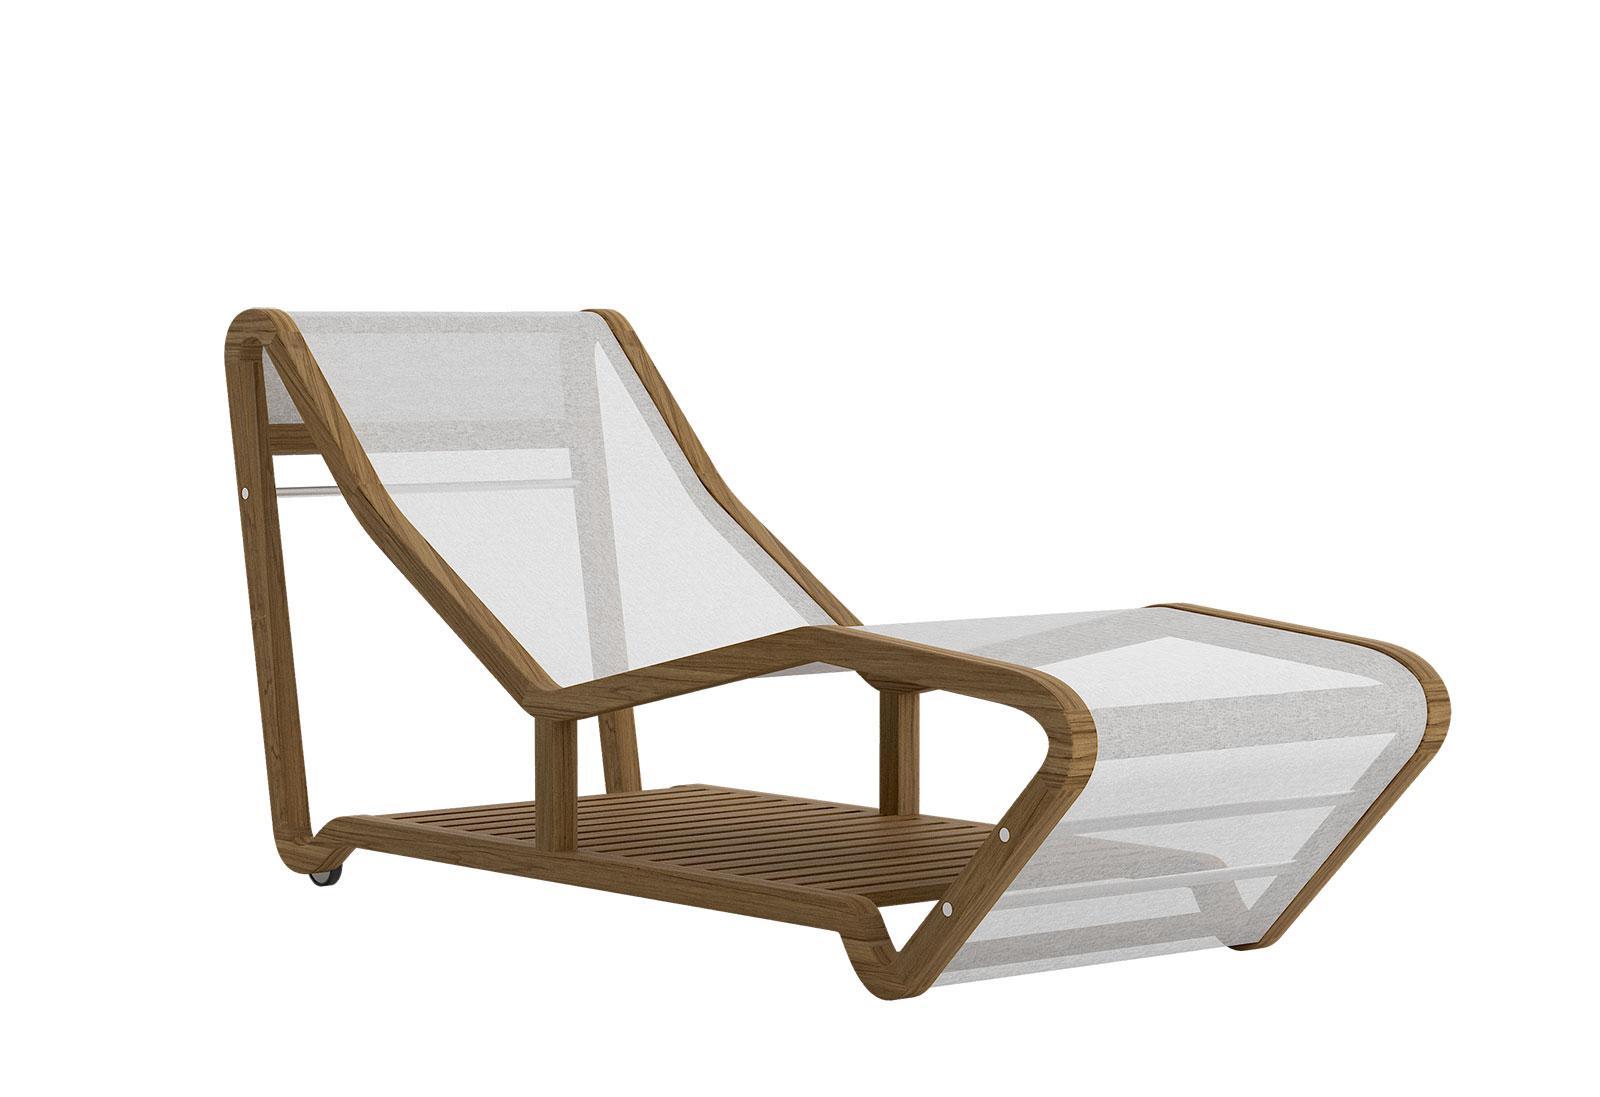 Chaise longue da giardino con struttura in teak ed acciaio for Poltrona zoe verzelloni prezzo